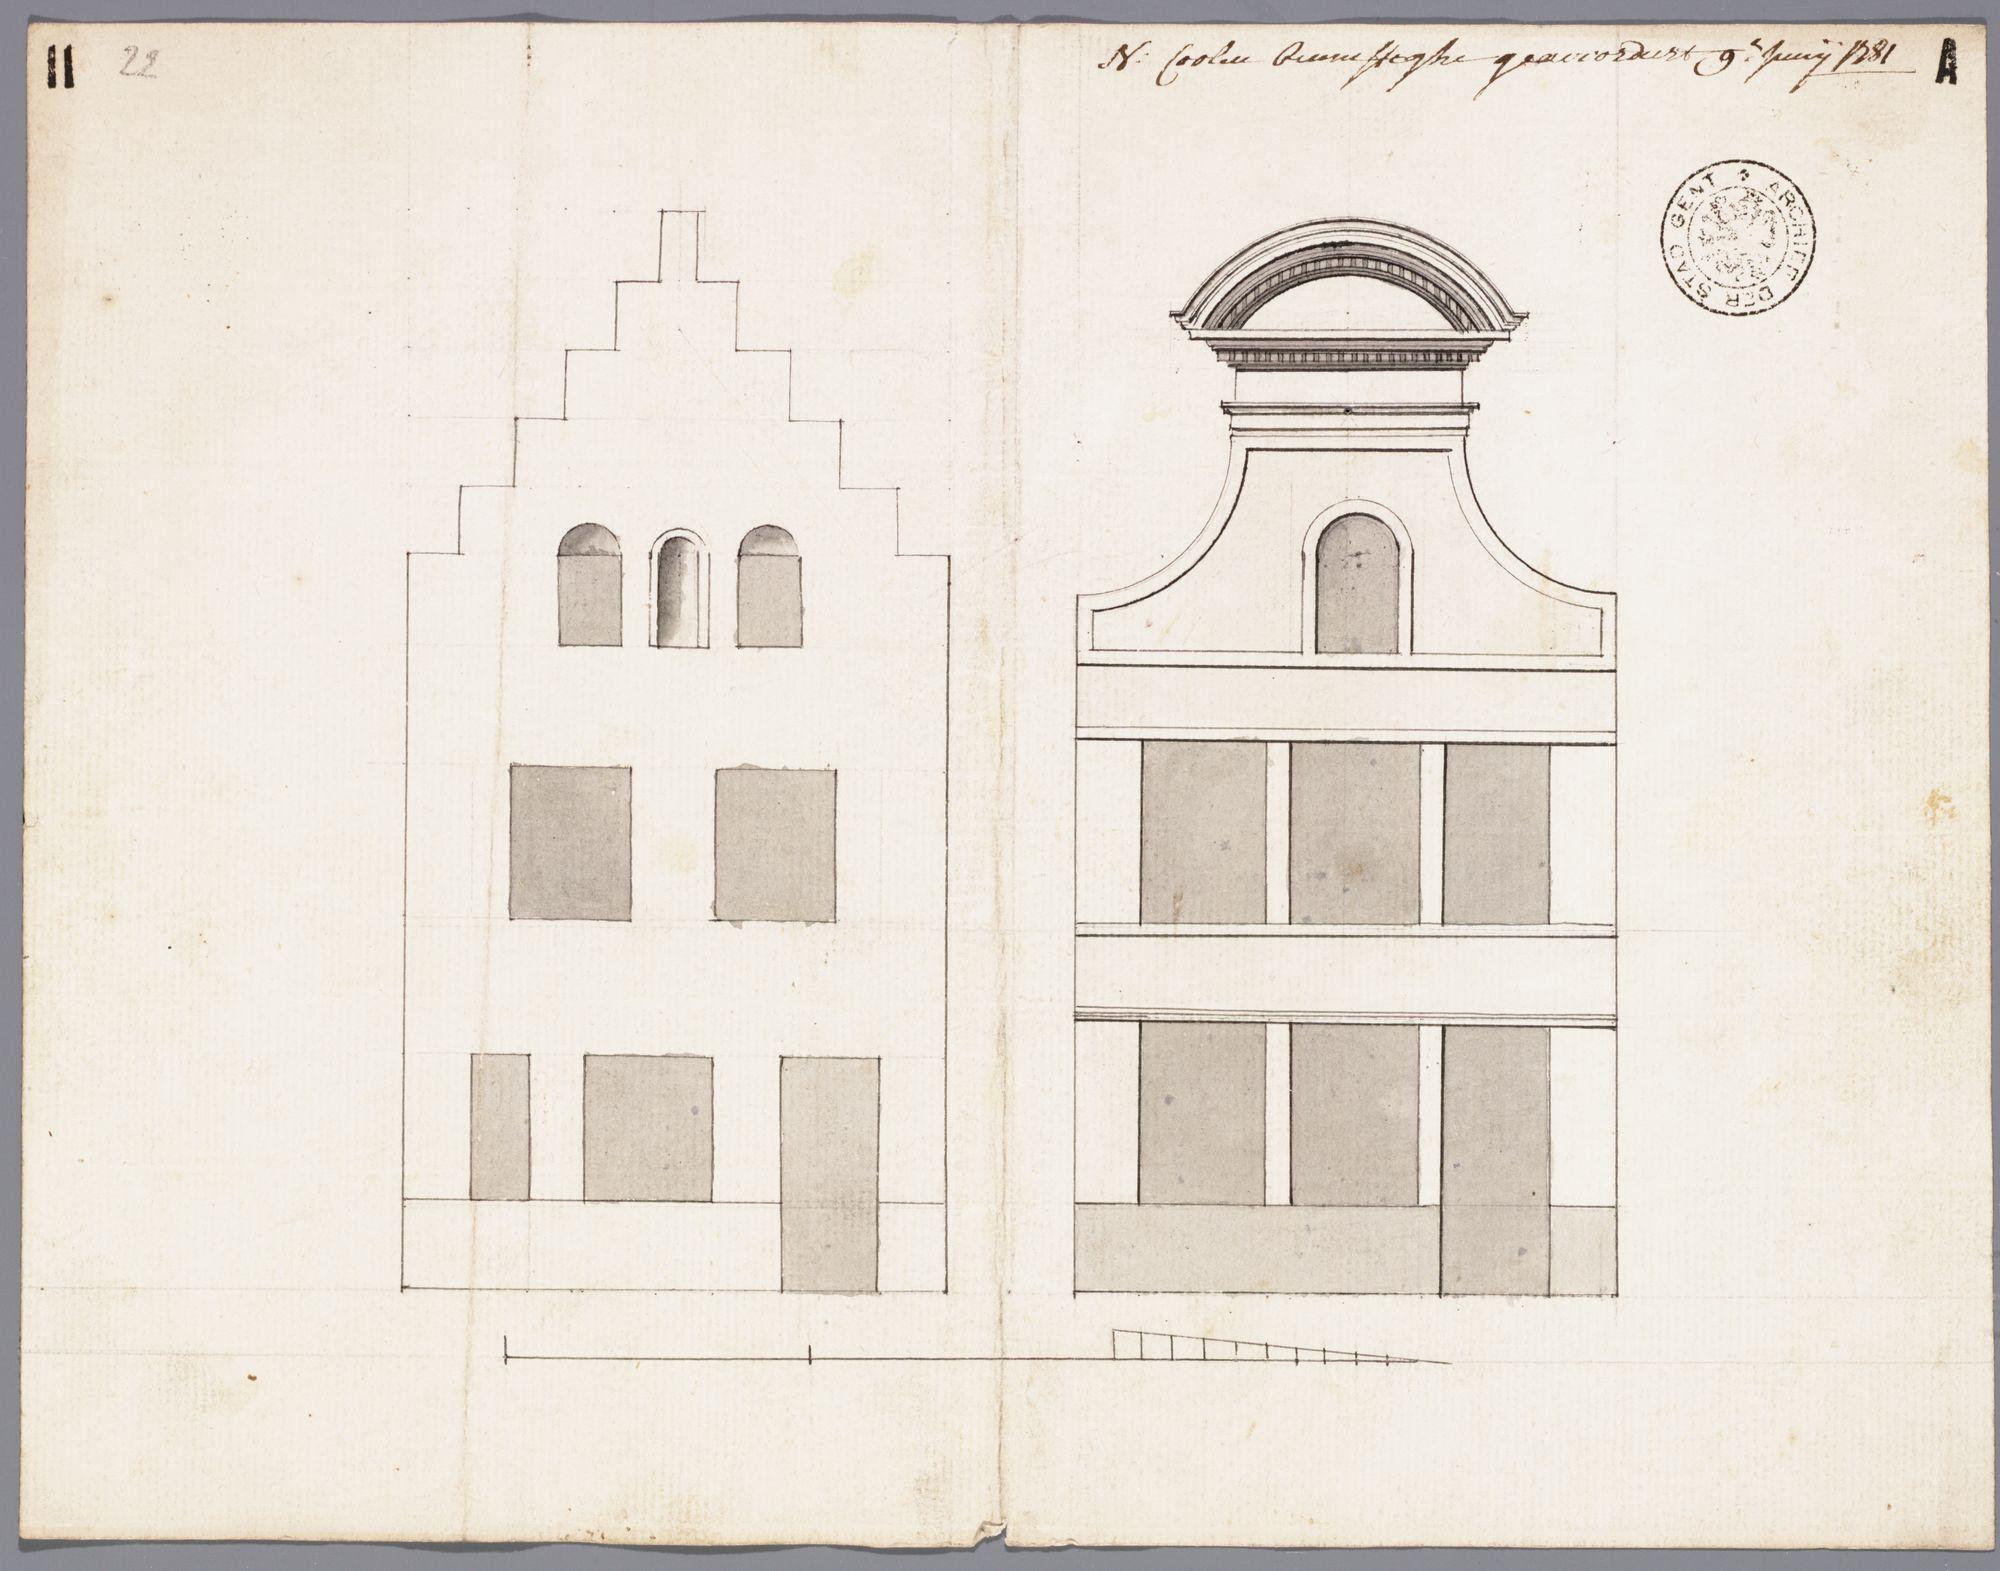 Gent: Bennesteeg, 1781: opstand voorgevel: oude en nieuwe toestand